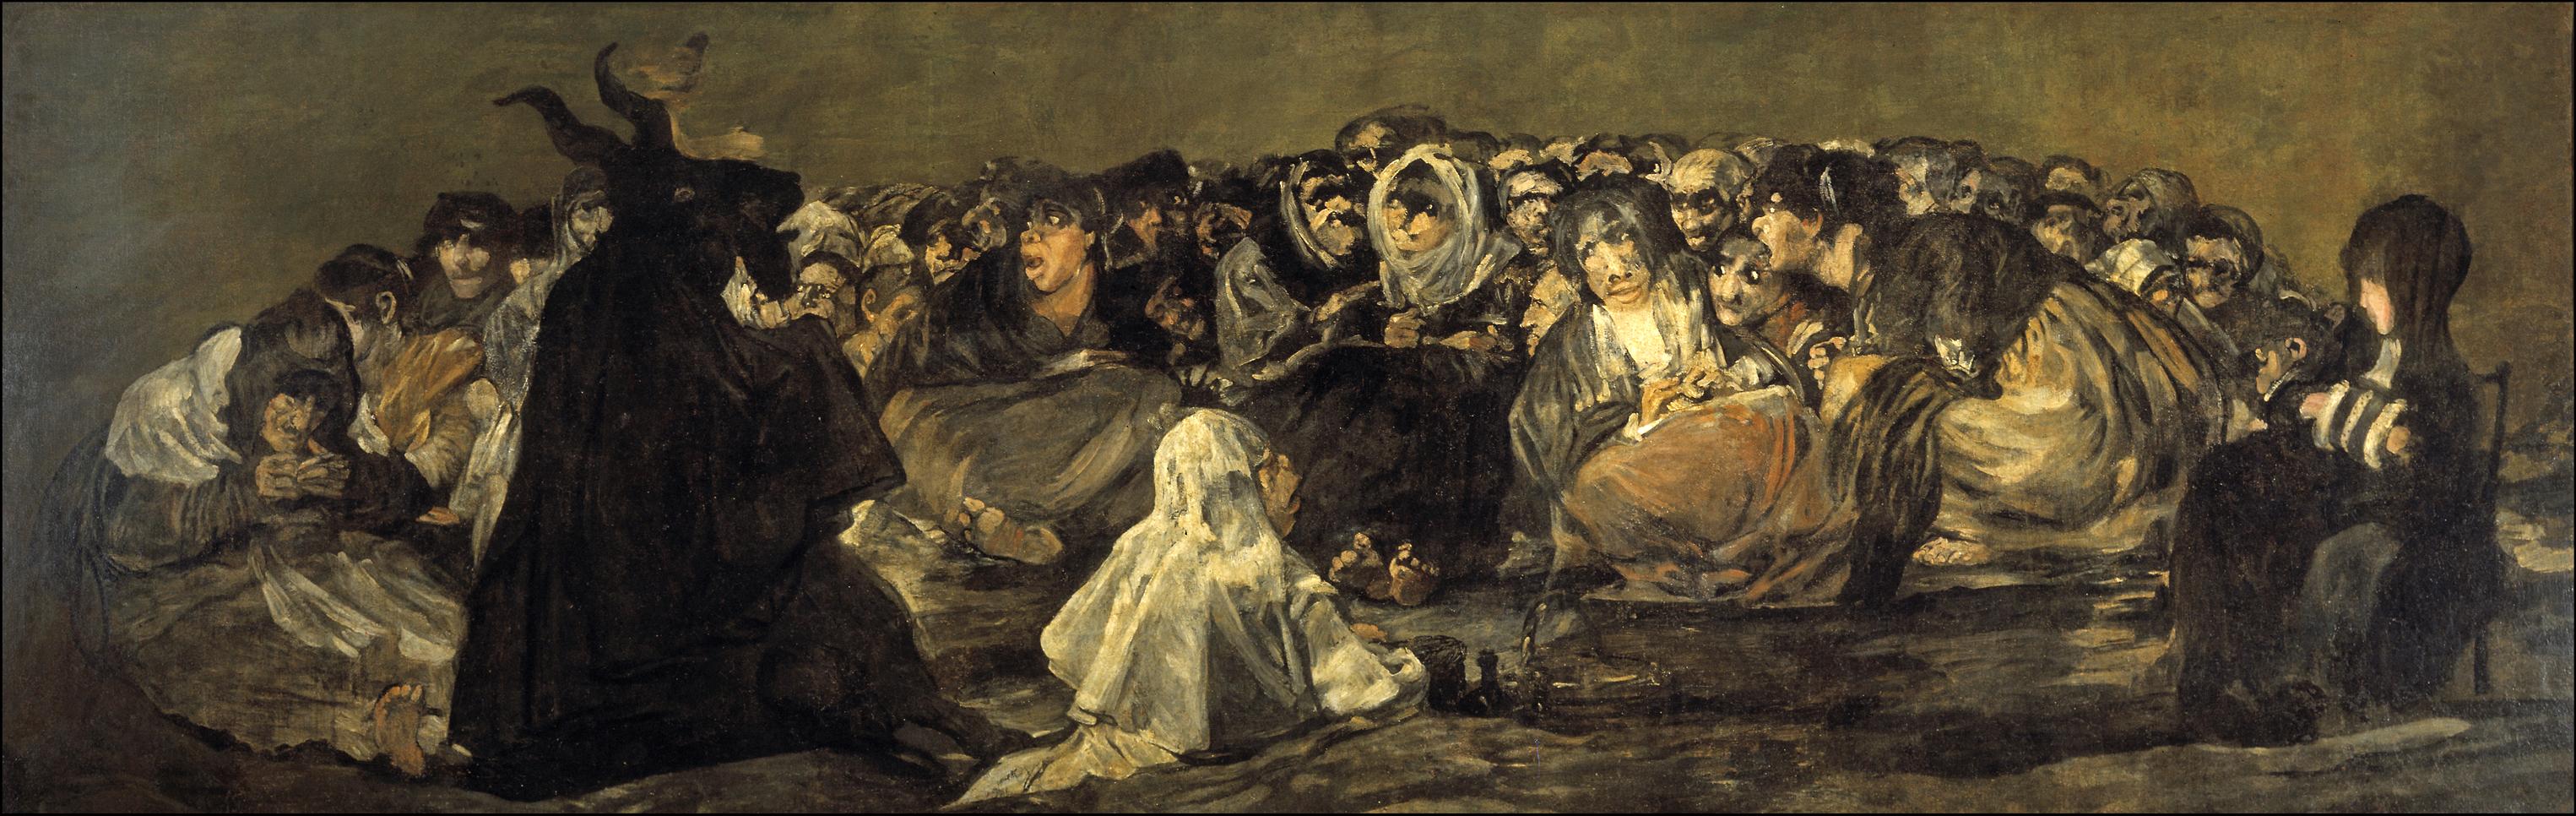 Las Pinturas Negras de Goya (Completas) - Arte Sublime